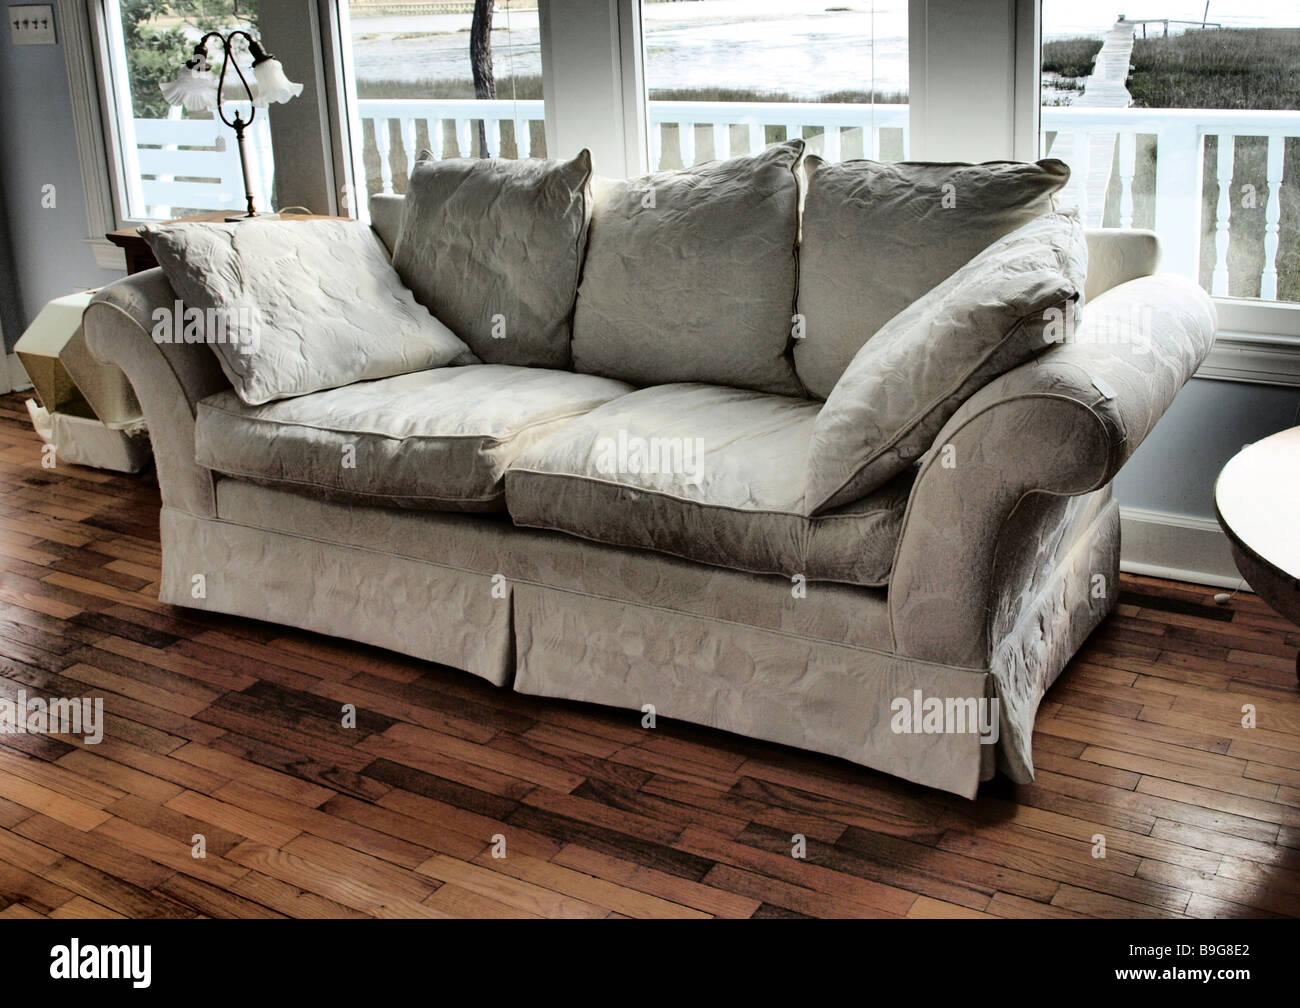 Sofá cama en el piso de madera con ventanas de vuelta en busca de cerco gris Imagen De Stock